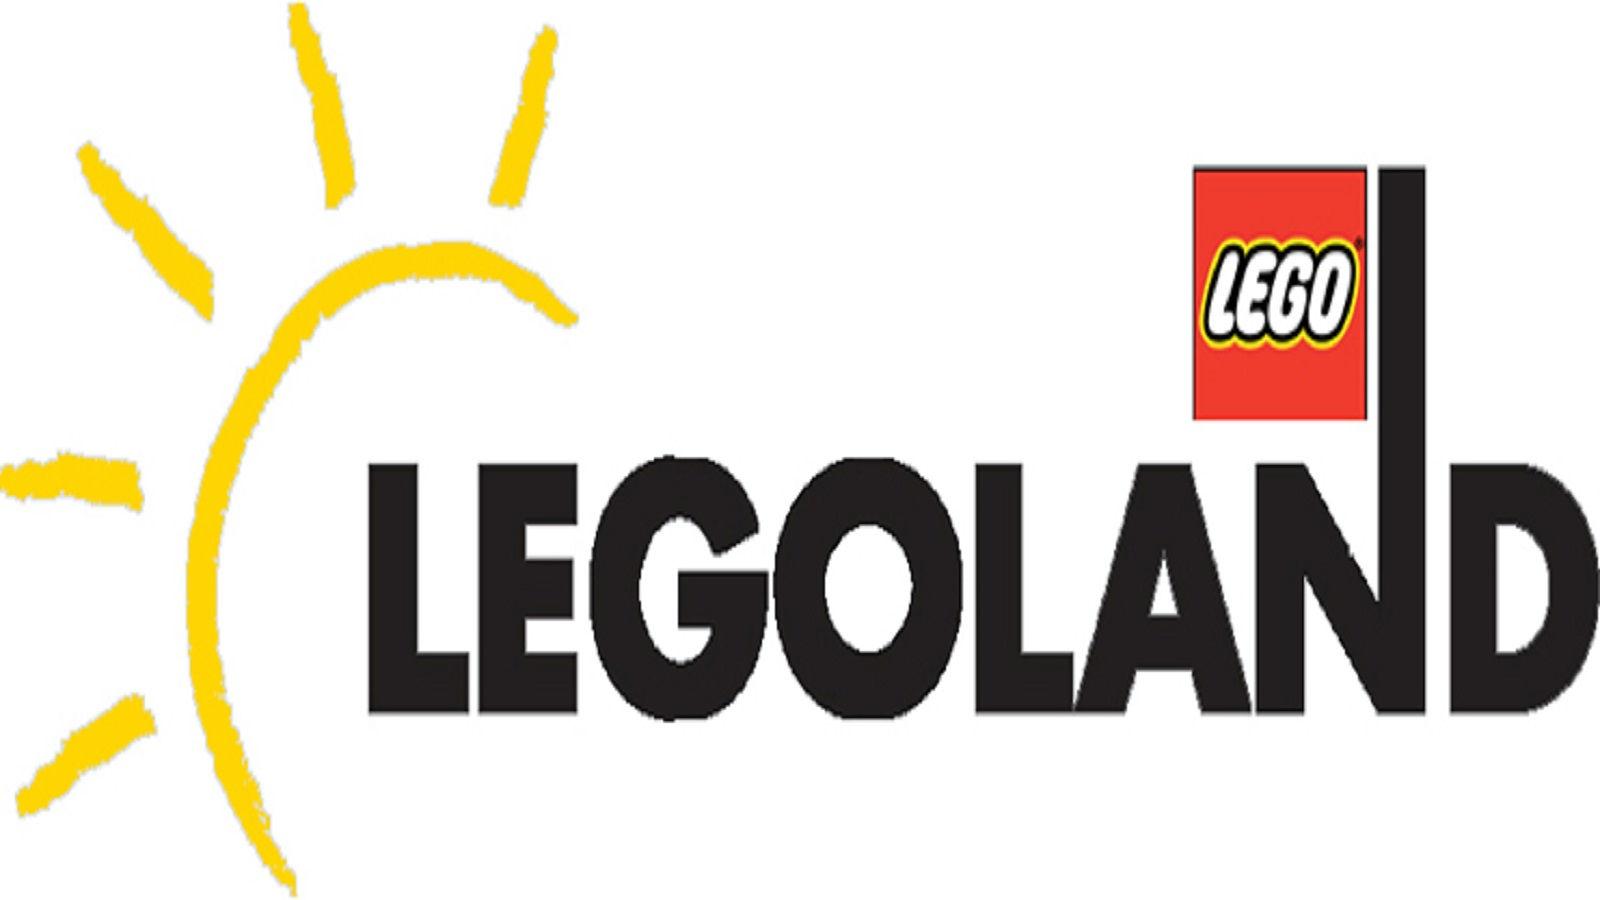 Legoland discovery center Logos